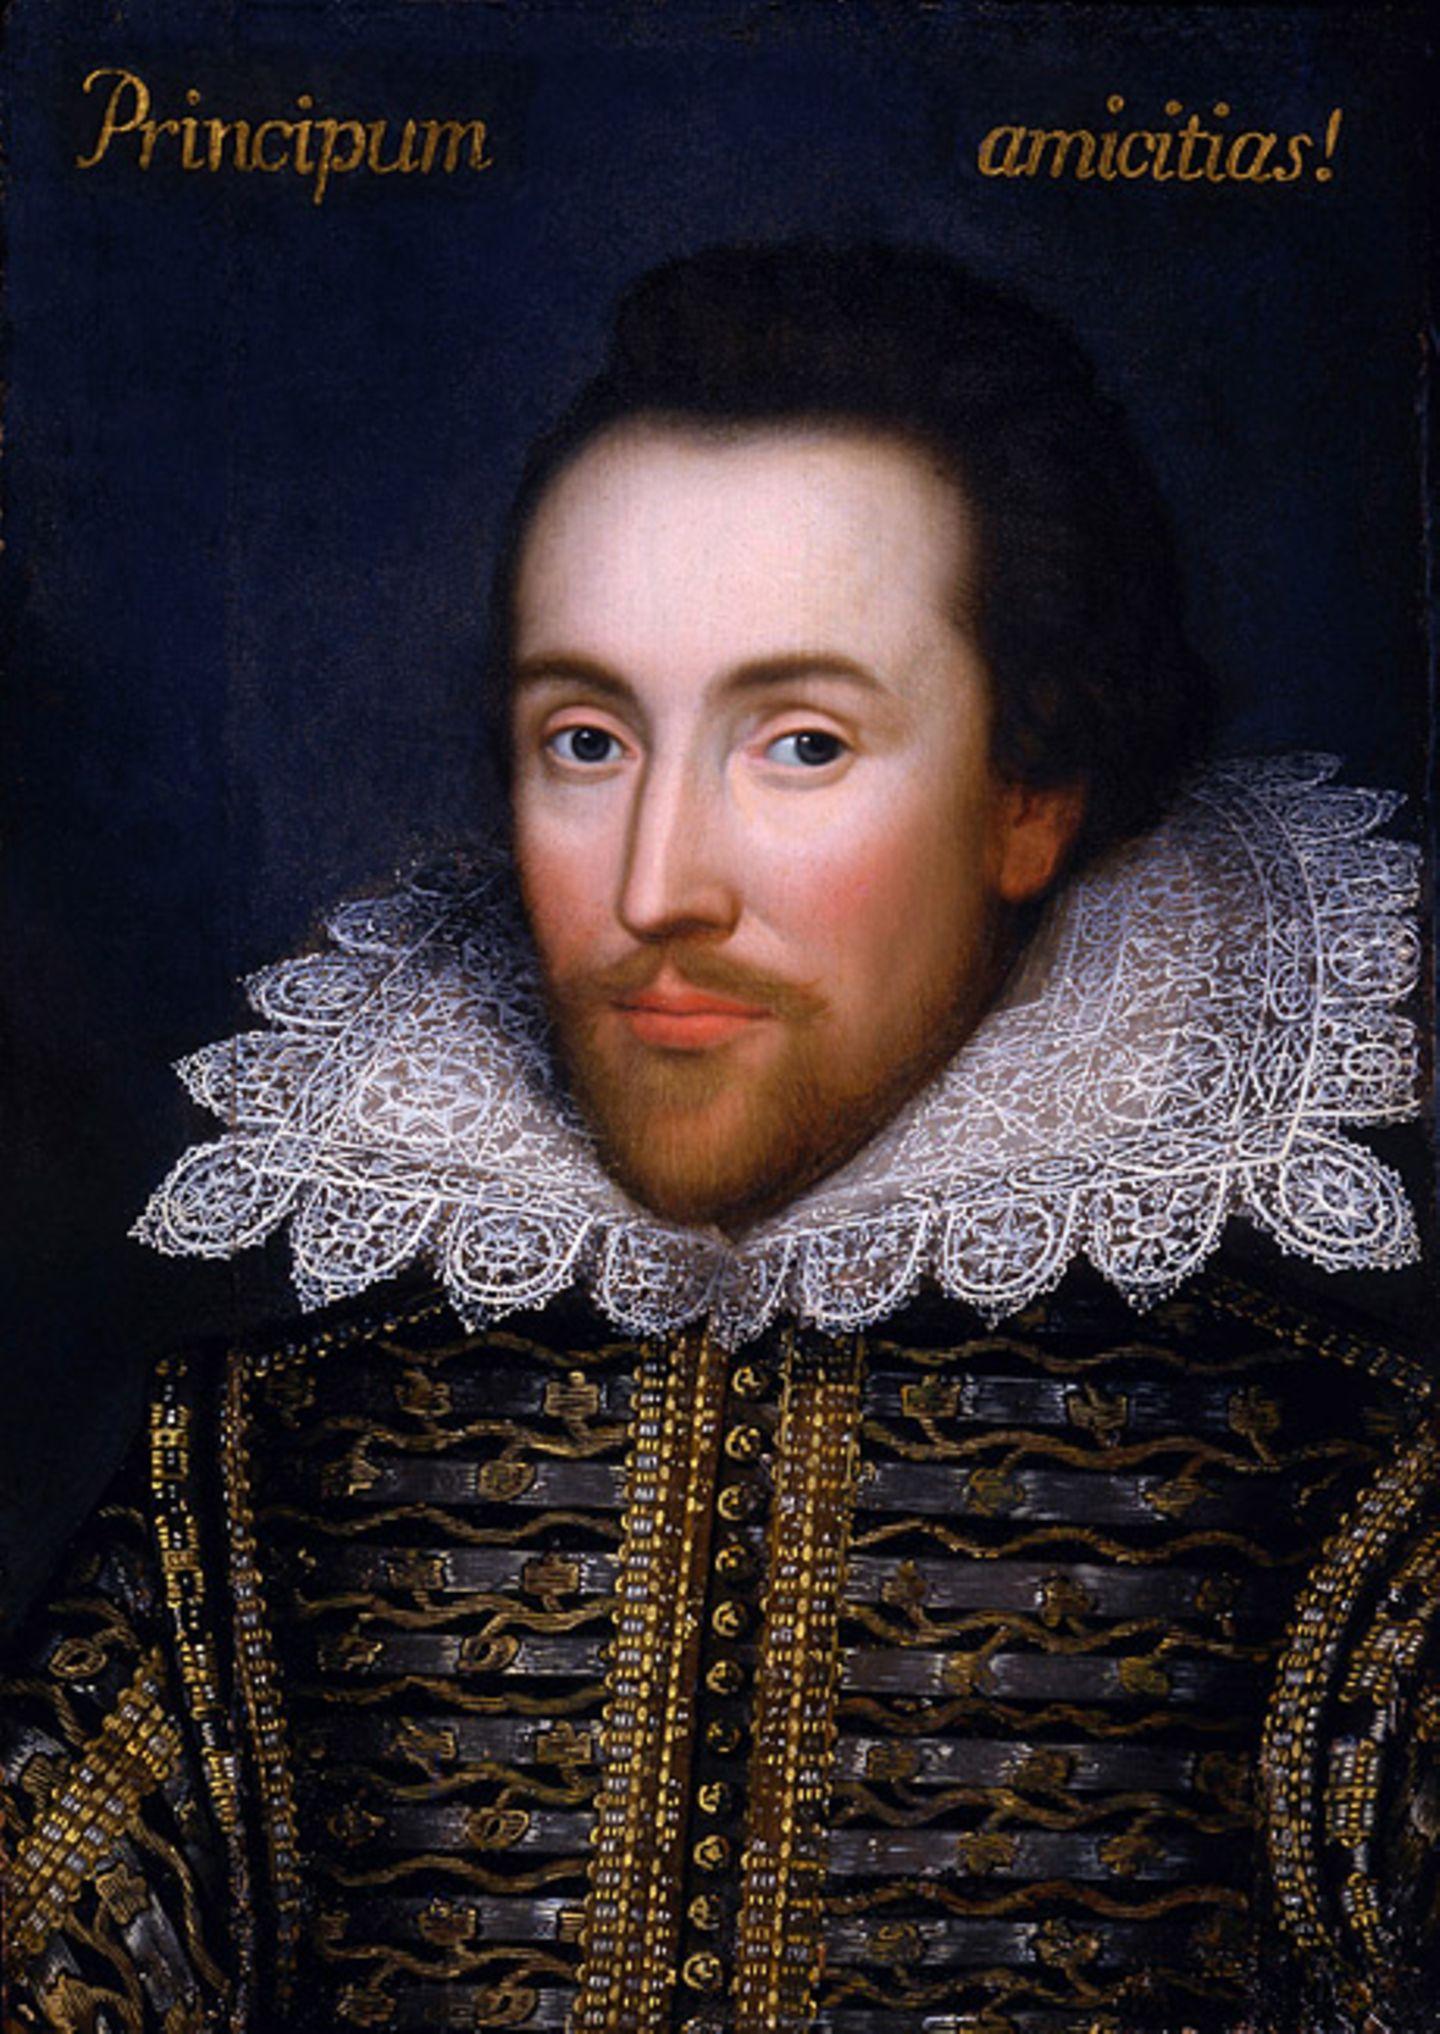 Weltveränderer: Der 23. April, Shakespeares Geburtstag, ist der Welttag des Buches